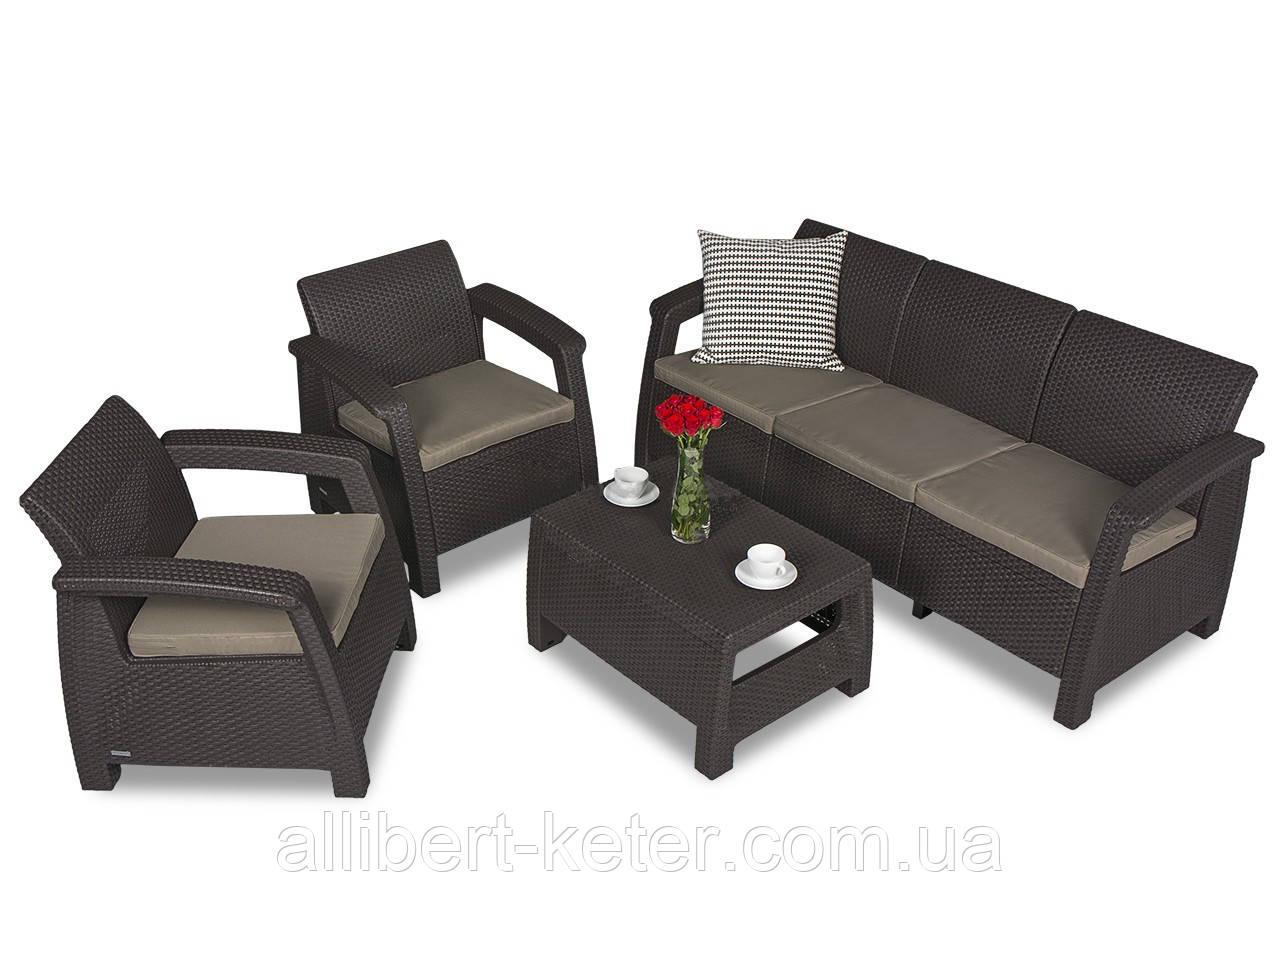 Набор садовой мебели Corfu Set Max Brown ( коричневый ) из искусственного ротанга